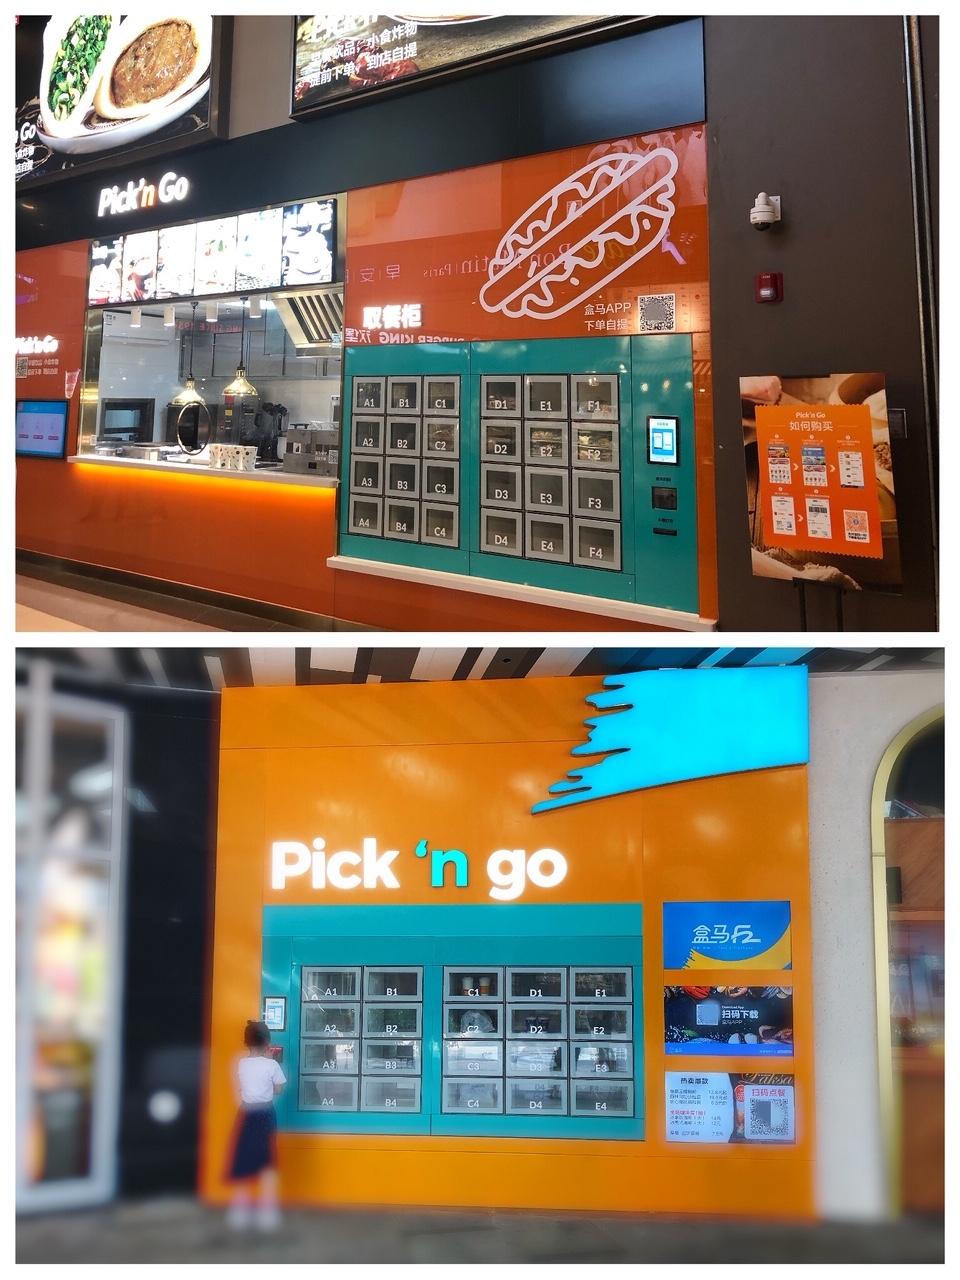 上海•「盒馬F2」や「Pick' n Go」のスマートロッカー